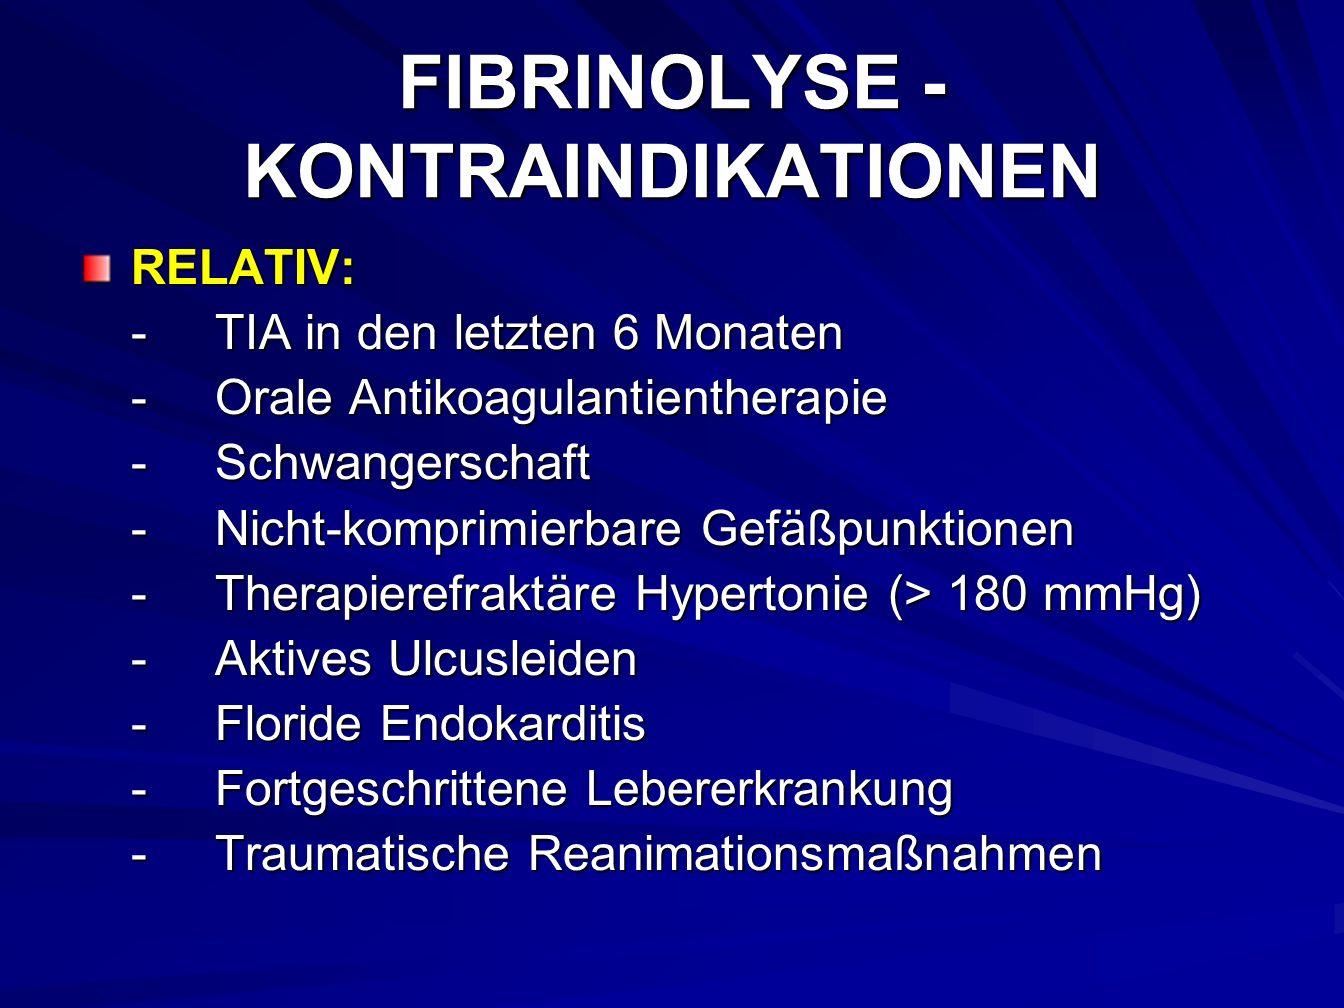 FIBRINOLYSE - KONTRAINDIKATIONEN RELATIV: -TIA in den letzten 6 Monaten -Orale Antikoagulantientherapie -Schwangerschaft -Nicht-komprimierbare Gefäßpunktionen -Therapierefraktäre Hypertonie (> 180 mmHg) -Aktives Ulcusleiden -Floride Endokarditis -Fortgeschrittene Lebererkrankung -Traumatische Reanimationsmaßnahmen